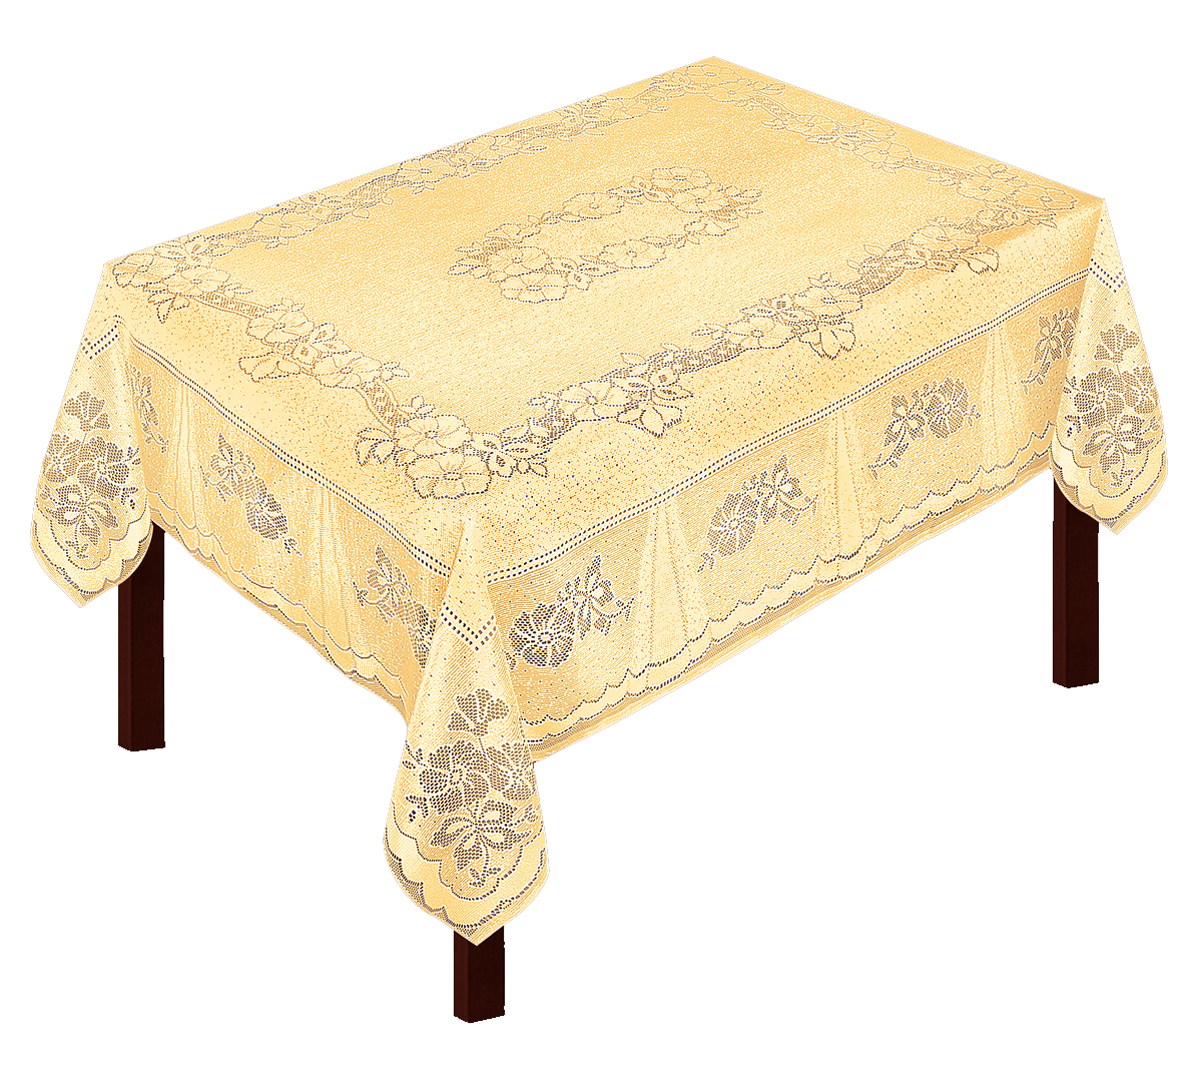 Скатерть Zlata Korunka, прямоугольная, цвет: золотистый, 175 х 150 смVT-1520(SR)Скатерть выполнена из полиэстера жаккардового переплетения, не скользит со стола, легко стирается и прослужит Вам долгое время.